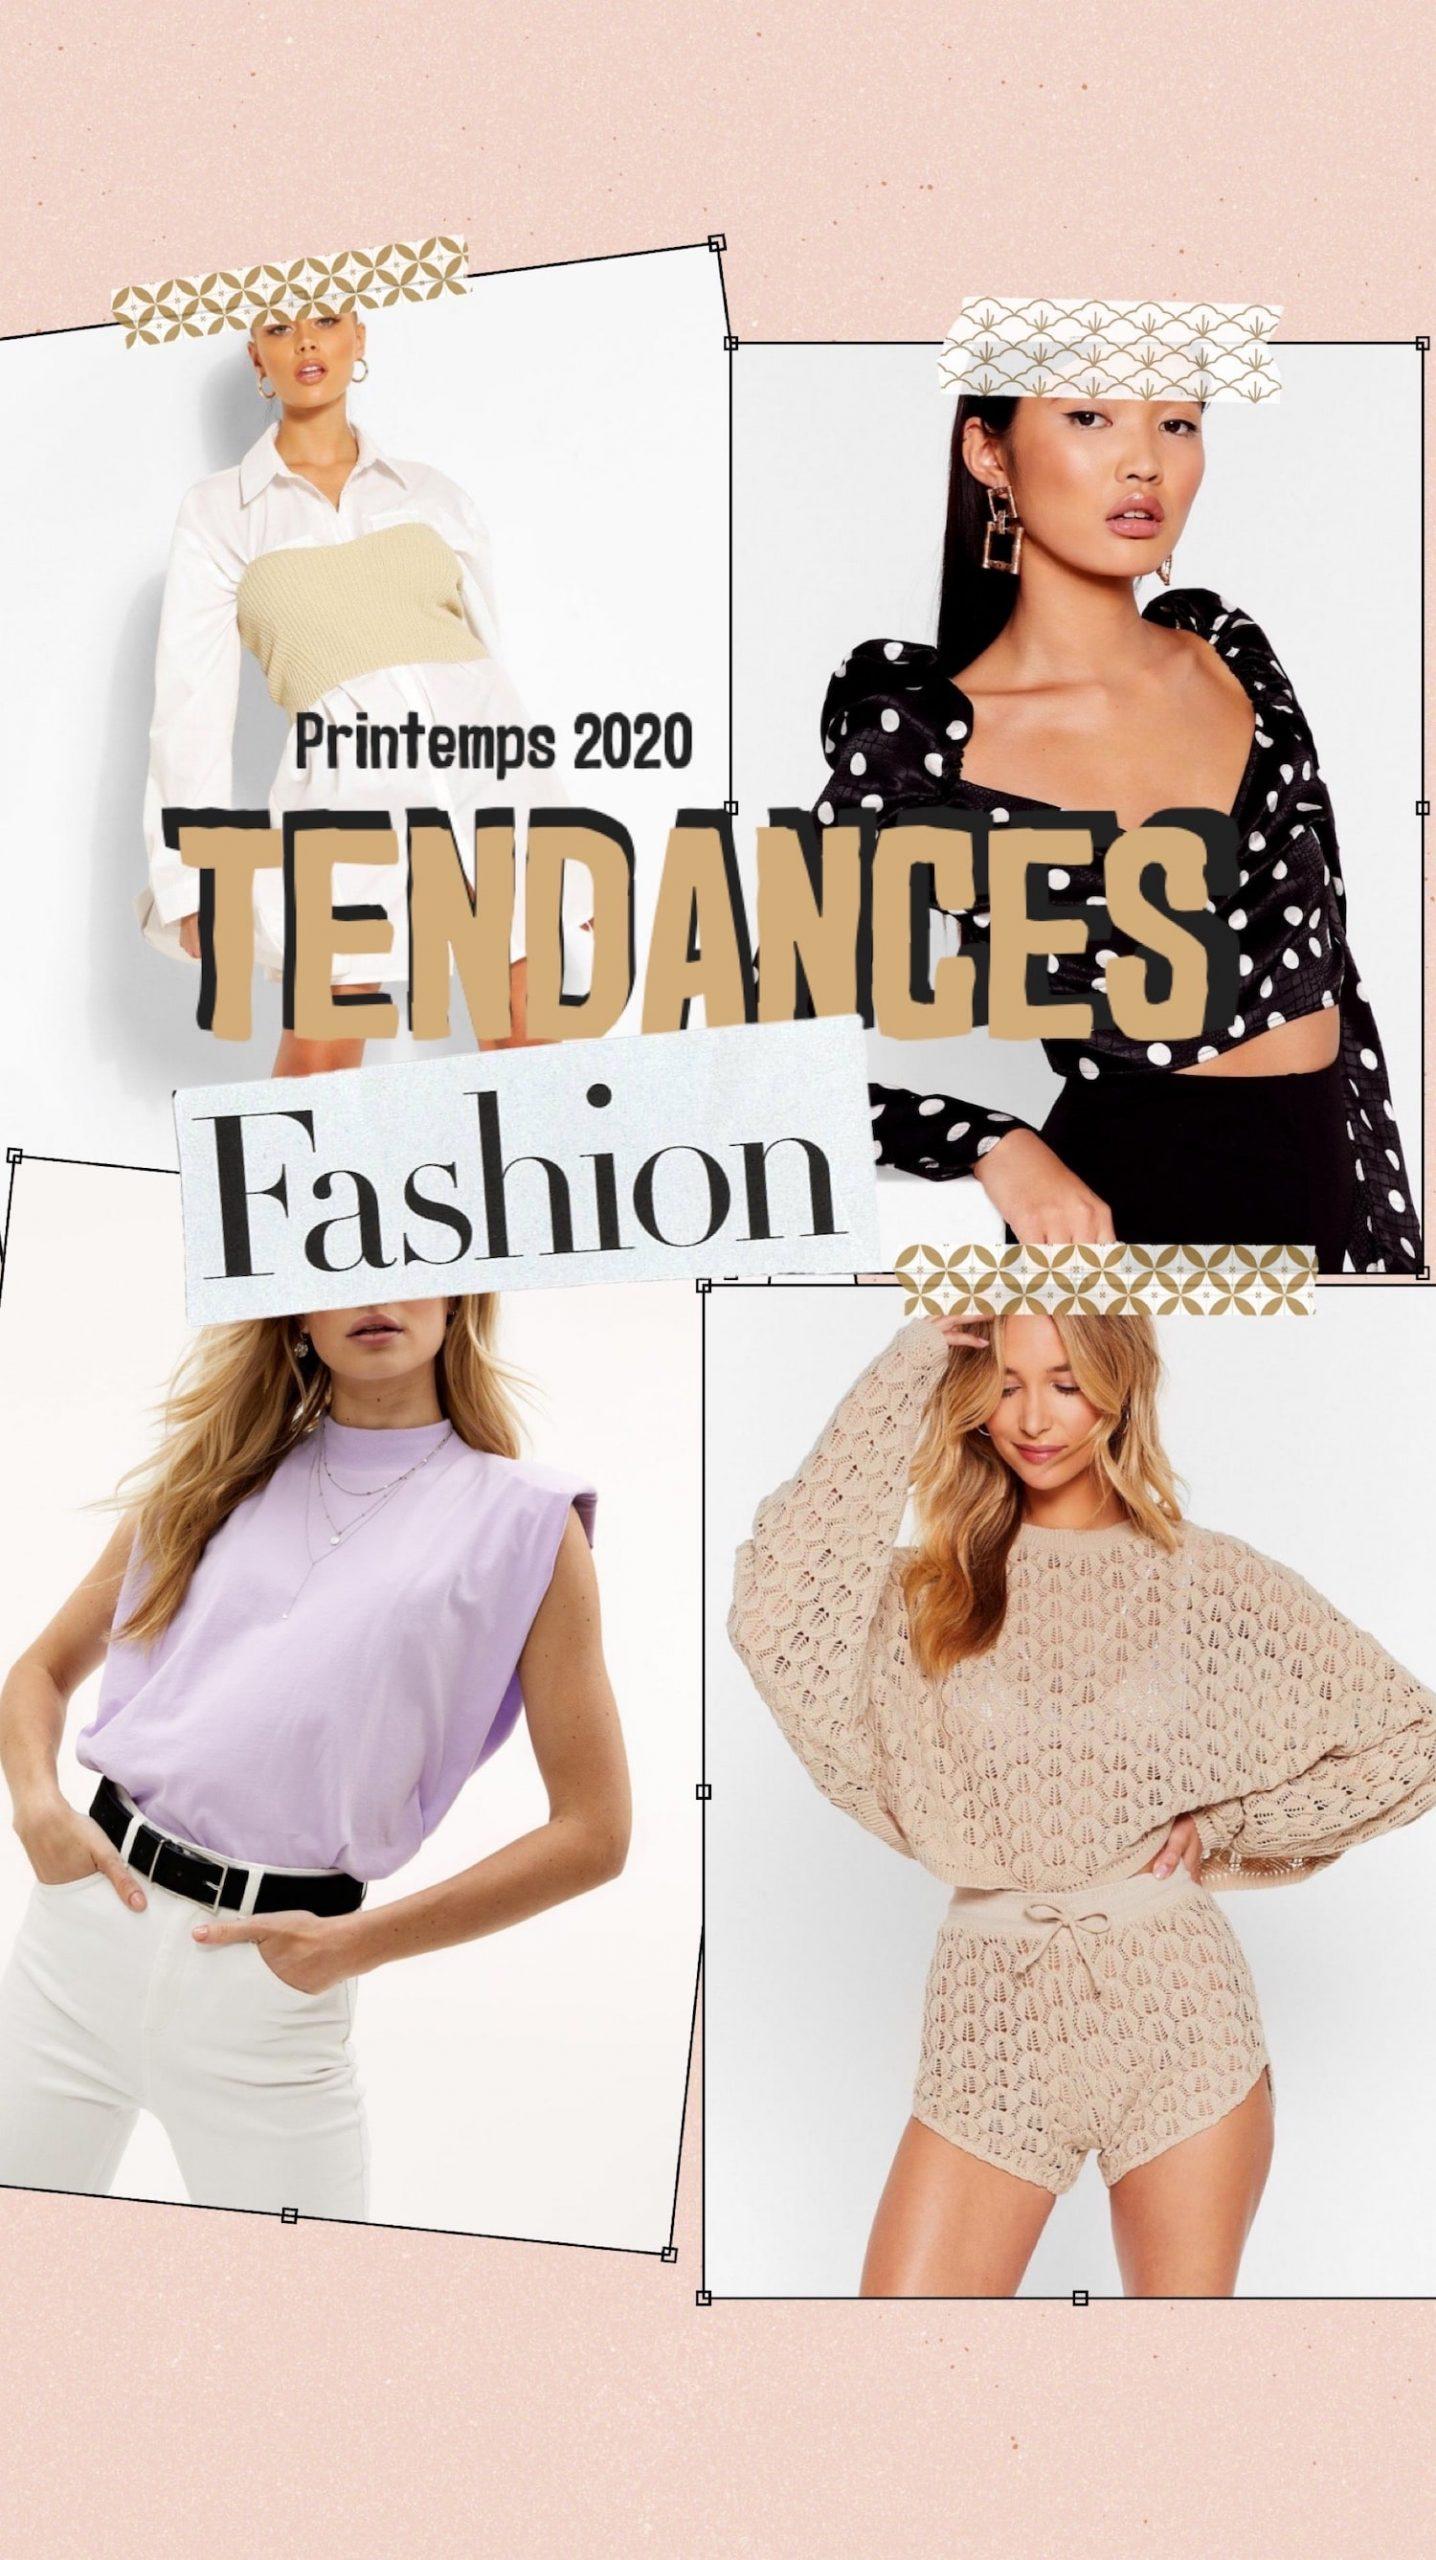 Les tendances mode, chaussures et accessoires du printemps 2020 - happinesscoco.com